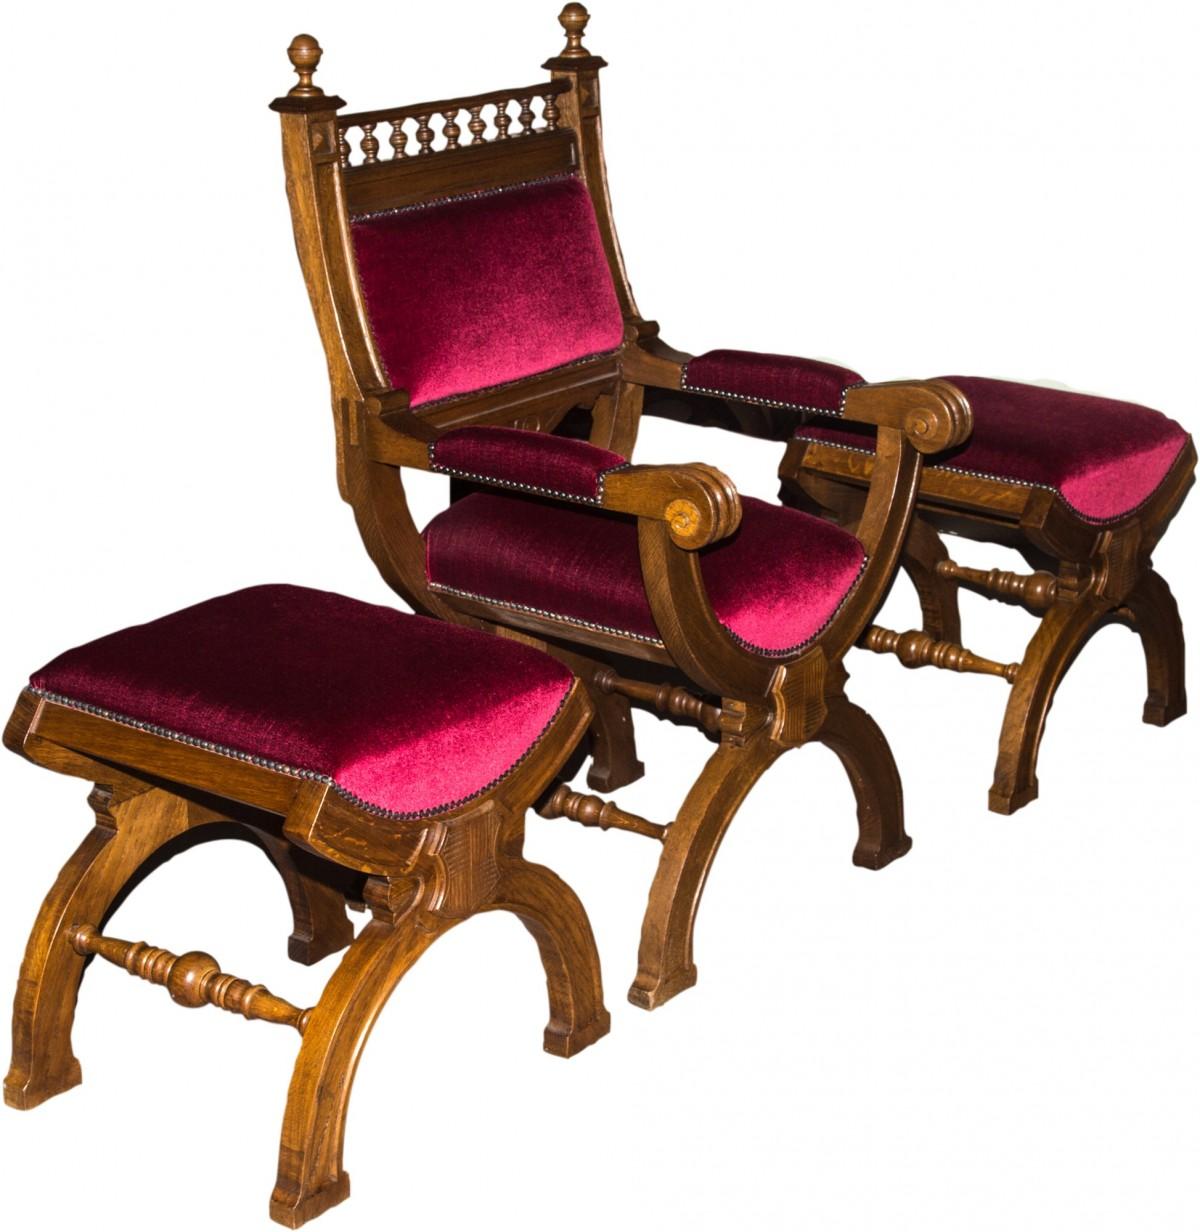 отчего покажи картинки стульев спицы